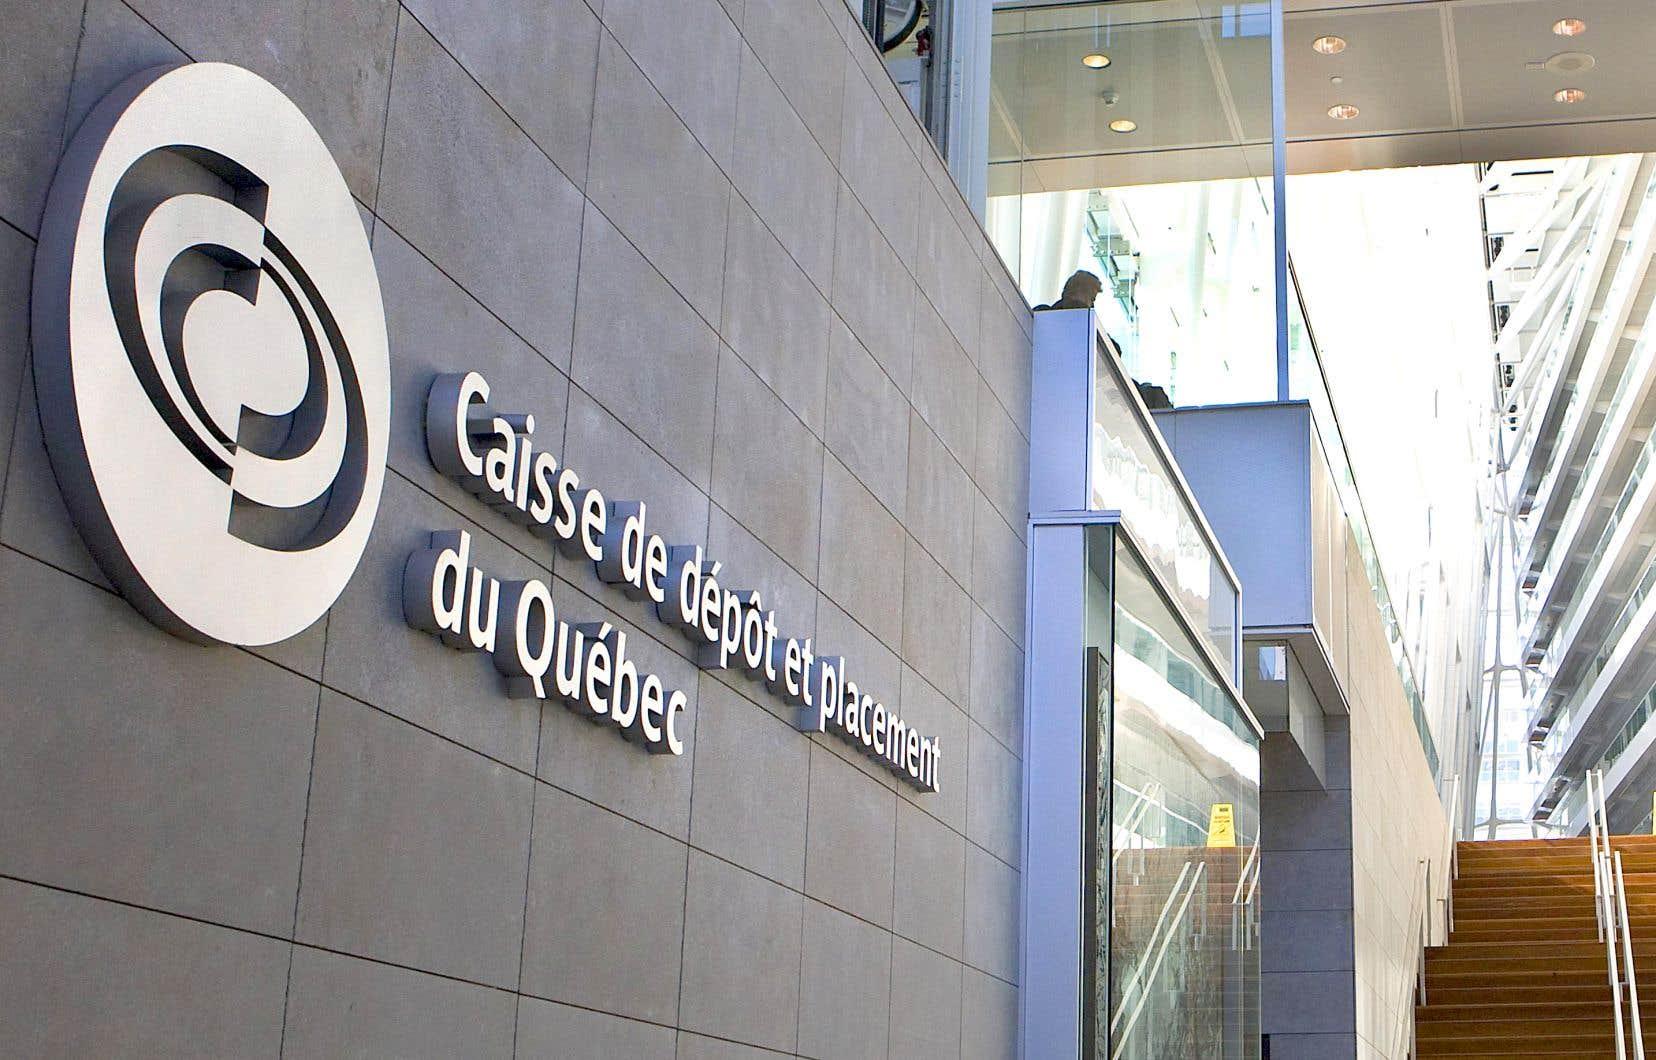 L'investissement de 400 millions est mené par WestCap, la société de capital de croissance de l'ancien chef des finances d'Airbnb Laurence Tosi, en partenariat avec la Caisse de dépôt et placement du Québec.